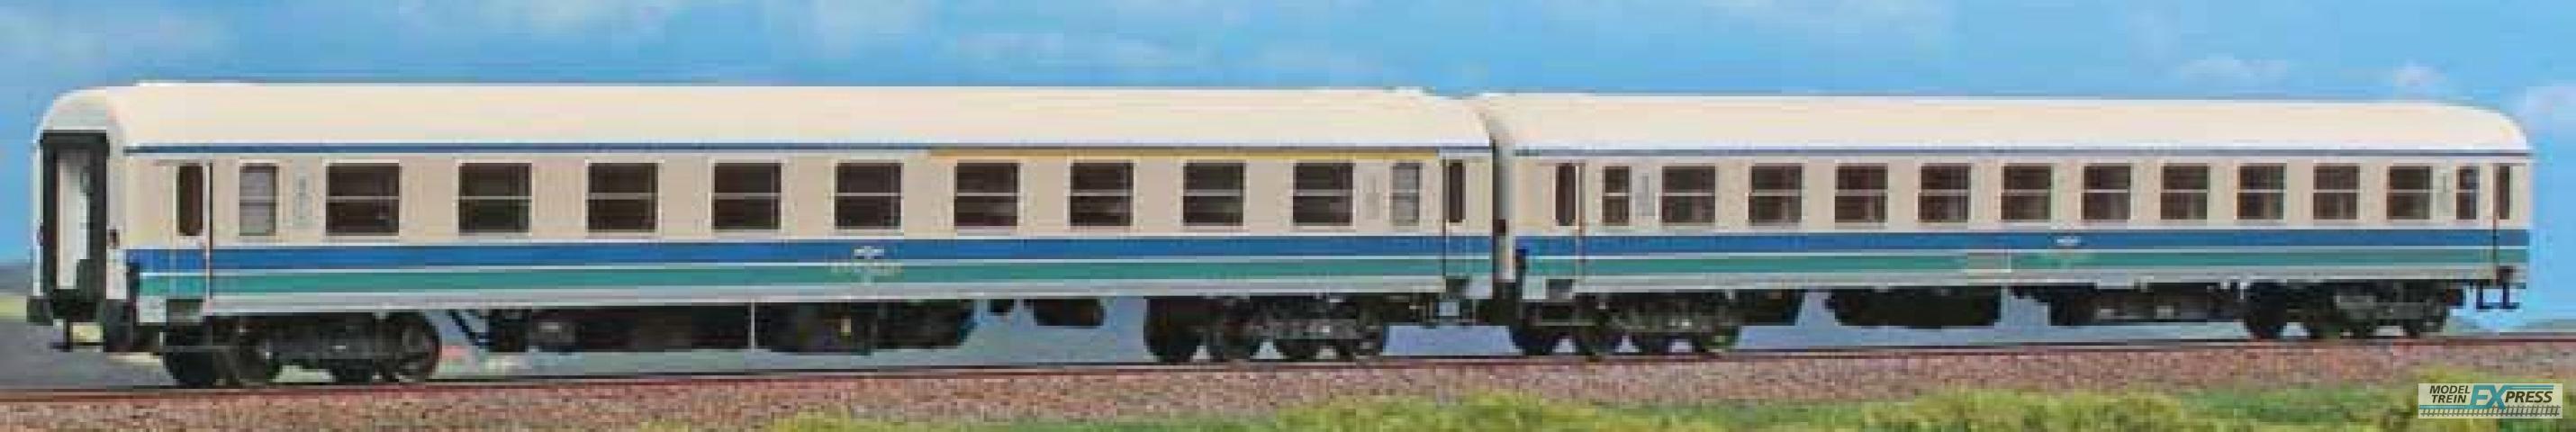 ACME 55181